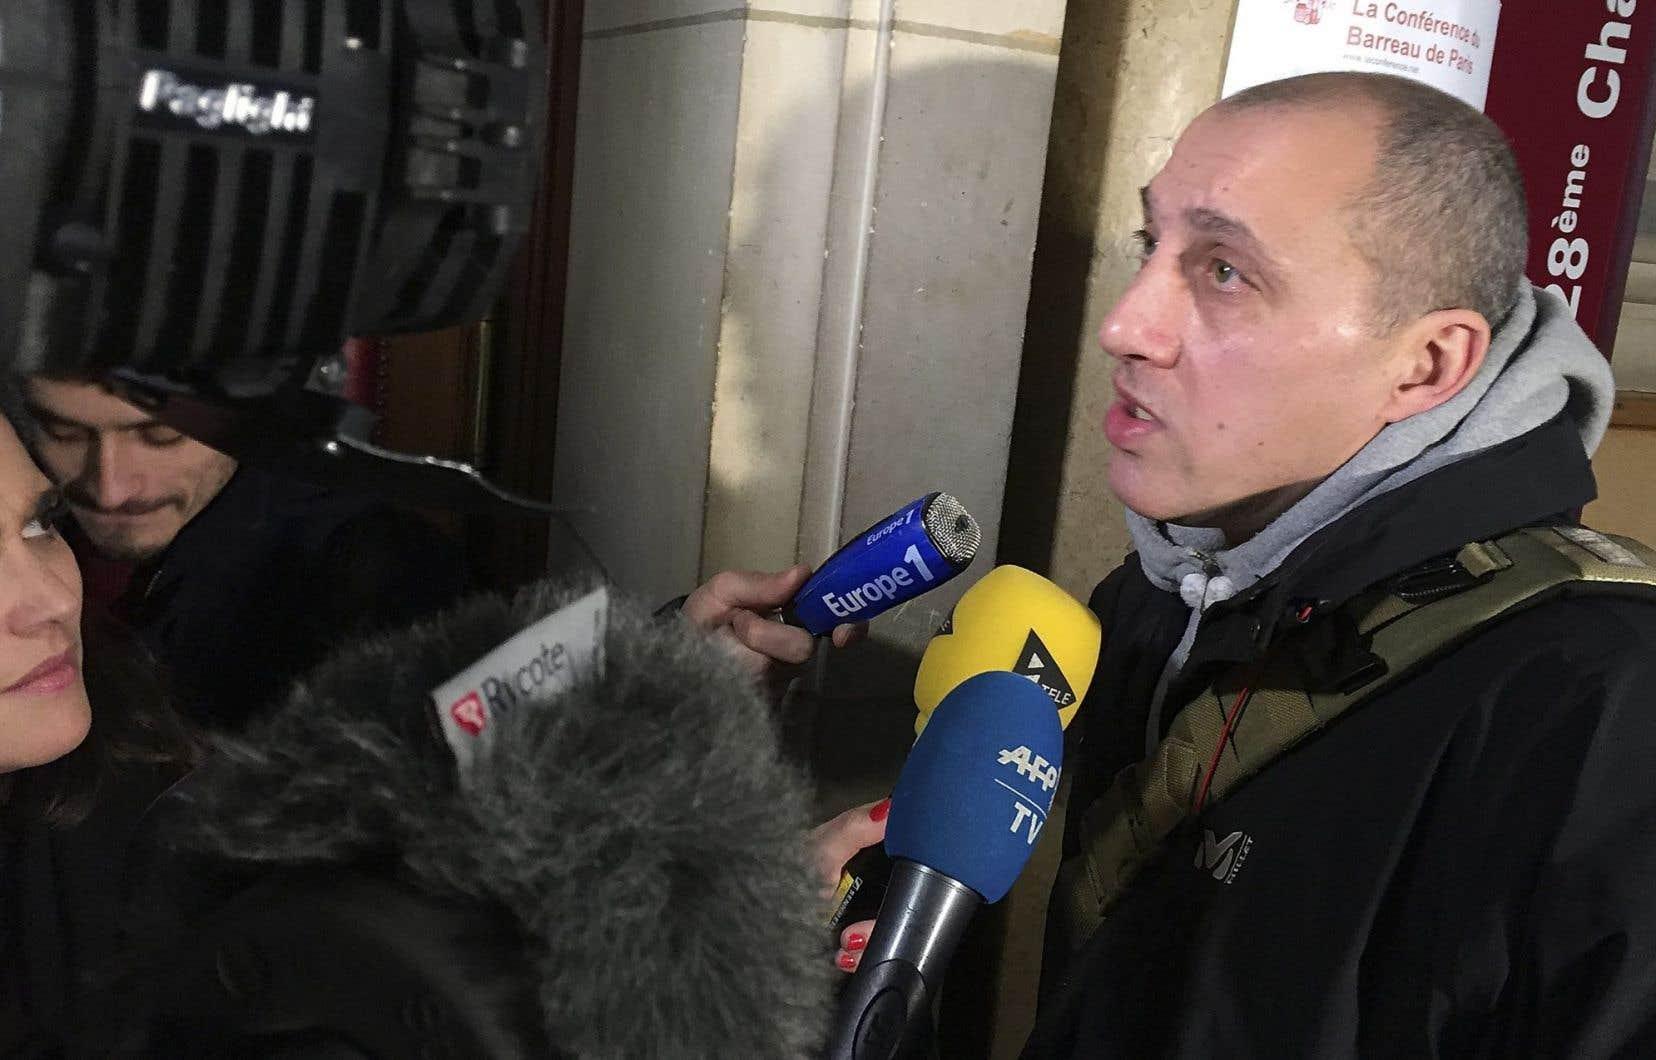 Vjeran Tomic, 49ans et 14 condamnations au casier, est autant un as de l'escalade qu'un voleur talentueux.